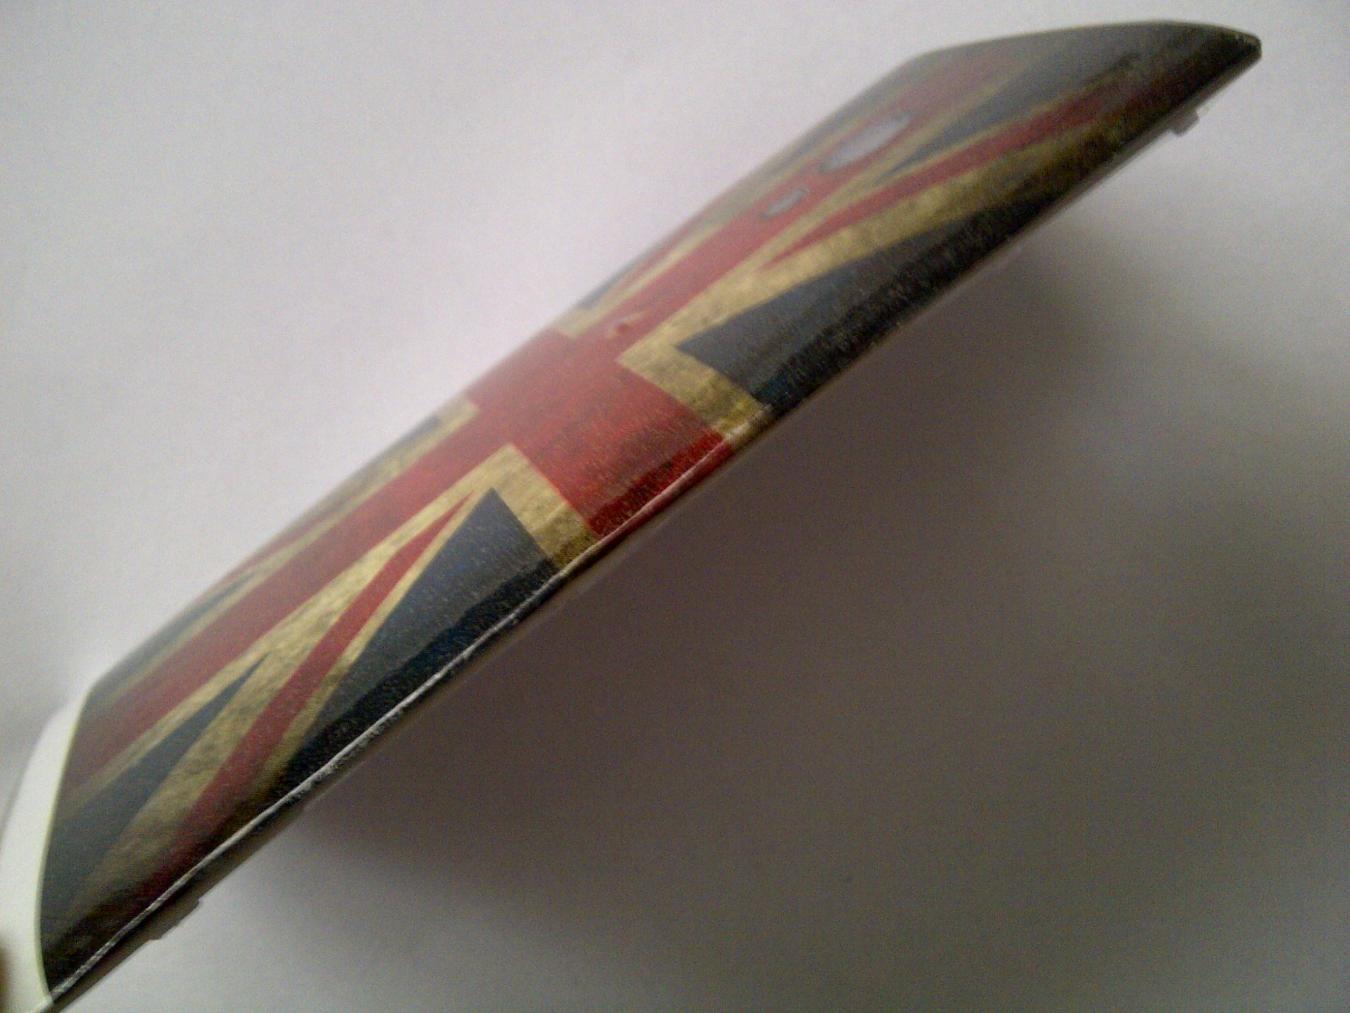 Carcasa X26i img-20121118-00229-jpg.6326